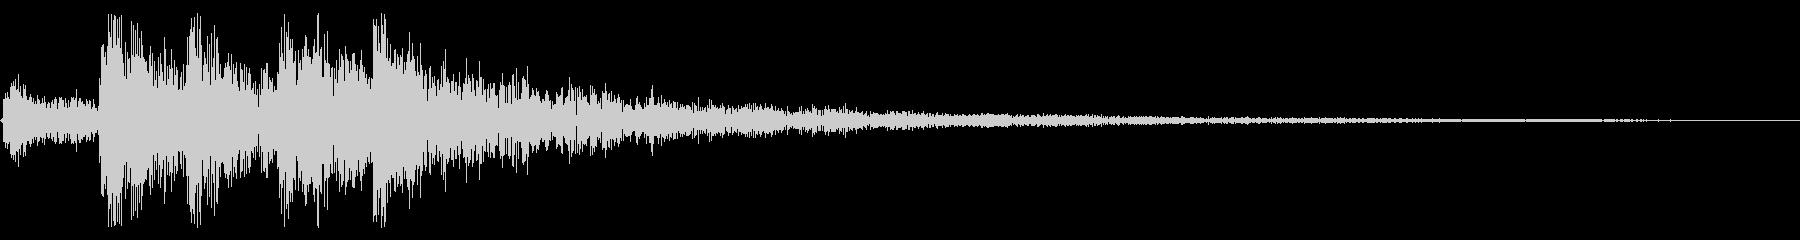 エンド グリッサンド 上昇 トイピアノの未再生の波形